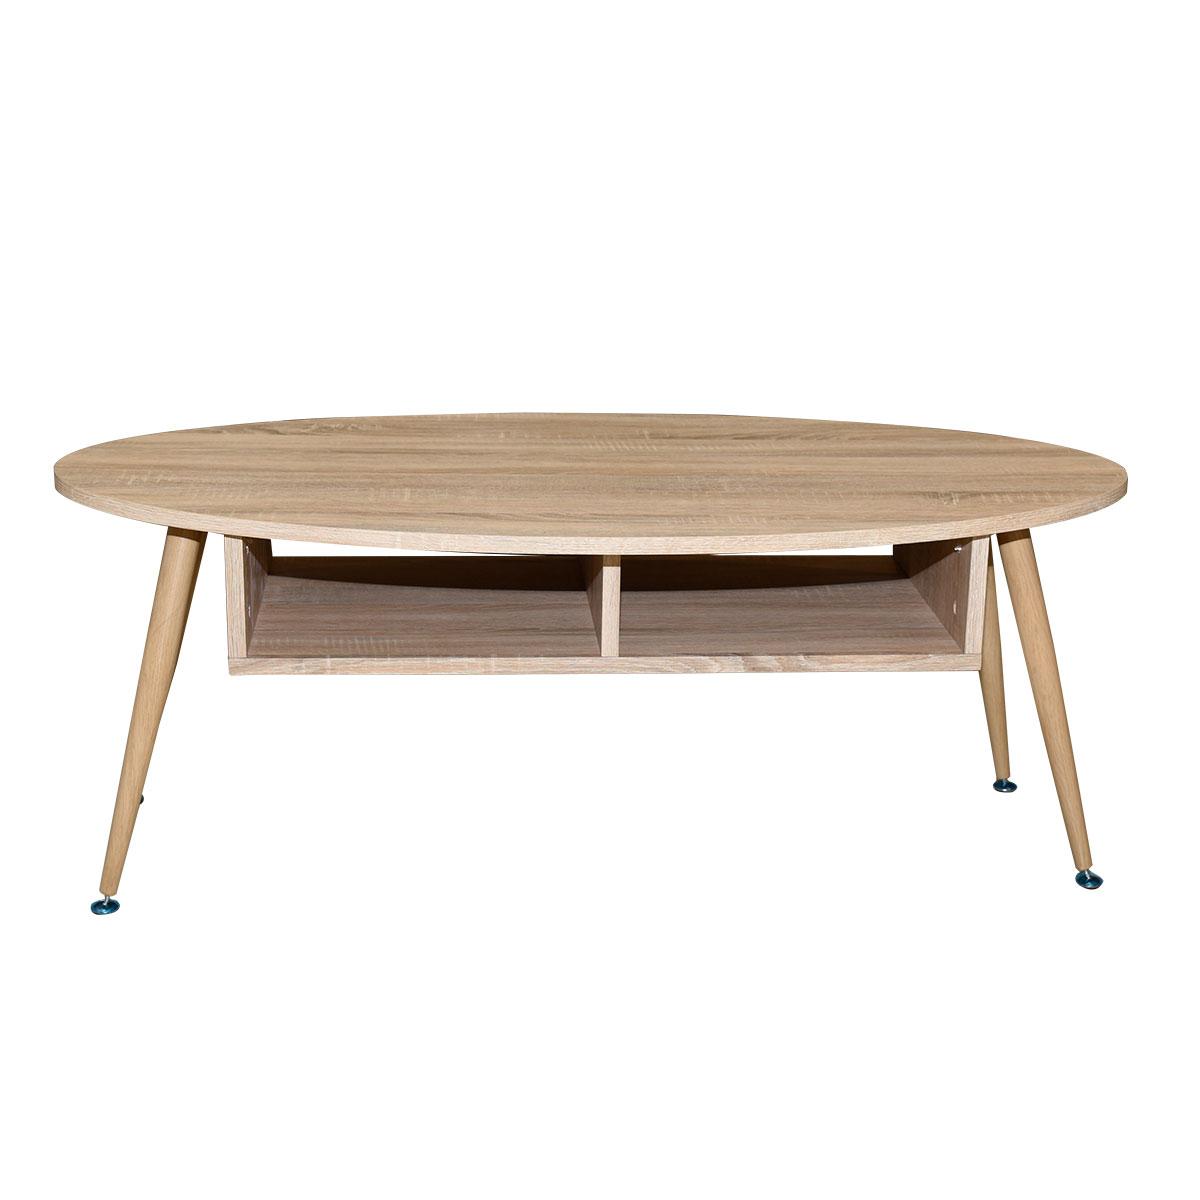 طاولة تقديم وخدمة خشب بيضاوي , لون بيج , موديل 620